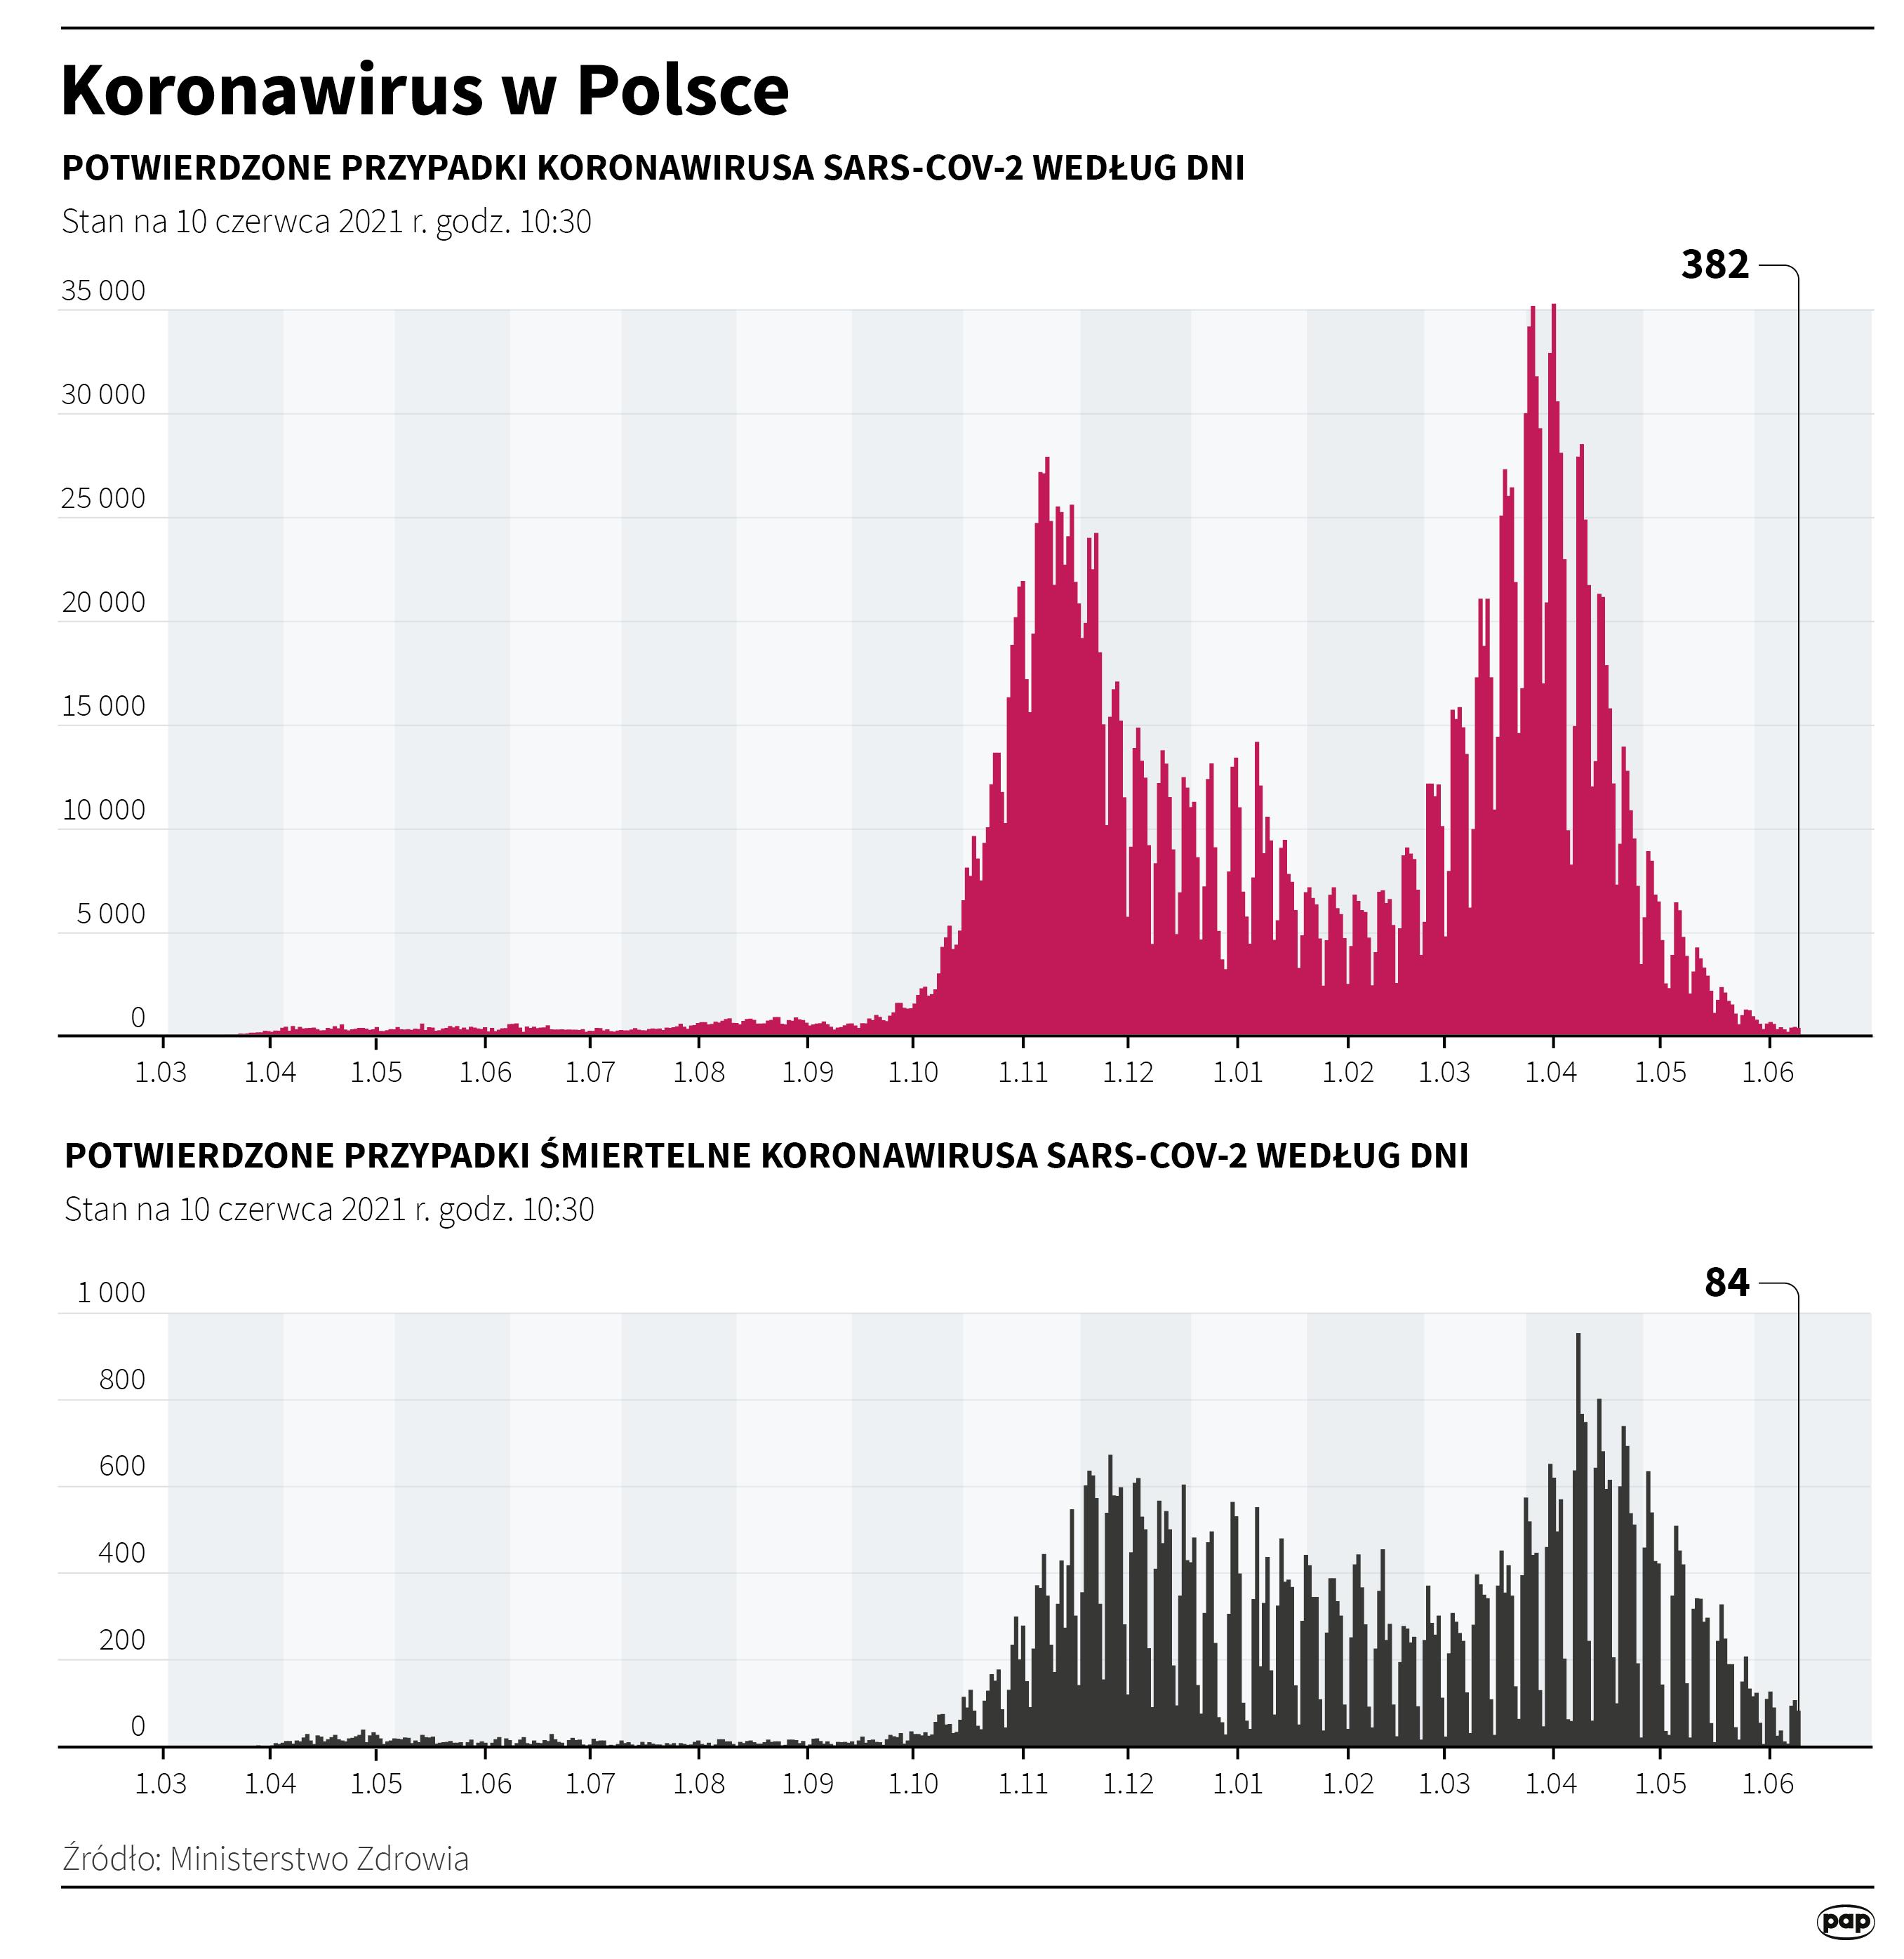 Koronawirus w Polsce stan na 10 czerwca [autor: Maciej Zieliński, źródło: PAP]